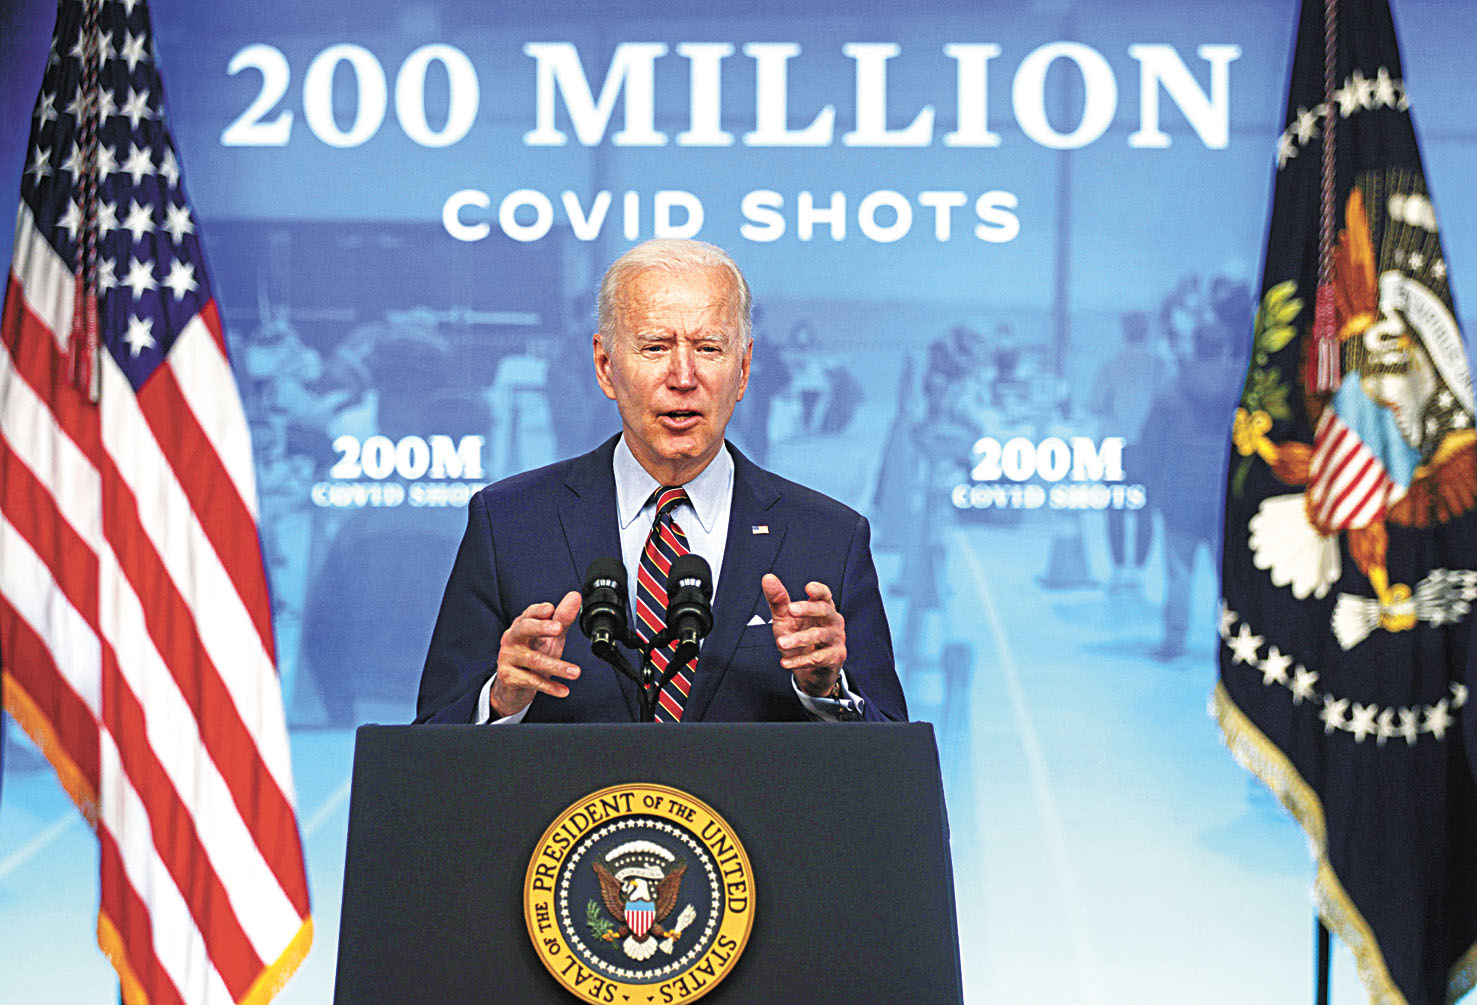 美國總統拜登21日稱,美國22日將達到接種兩億劑的目標。他還呼籲讓民眾帶薪請假接種新冠疫苗。法新社